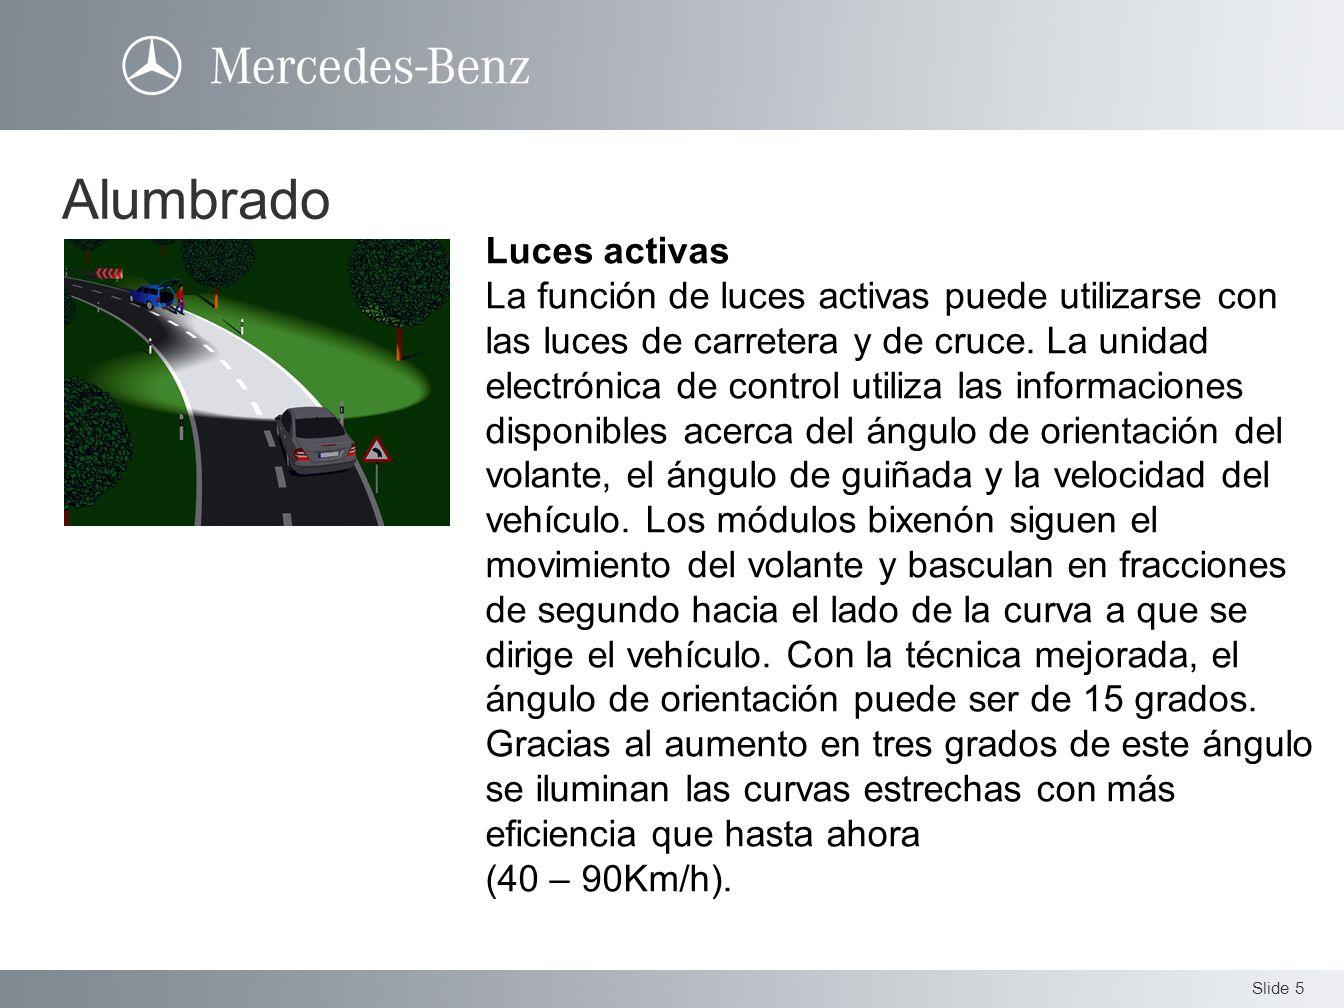 Slide 5 Luces activas La función de luces activas puede utilizarse con las luces de carretera y de cruce. La unidad electrónica de control utiliza las